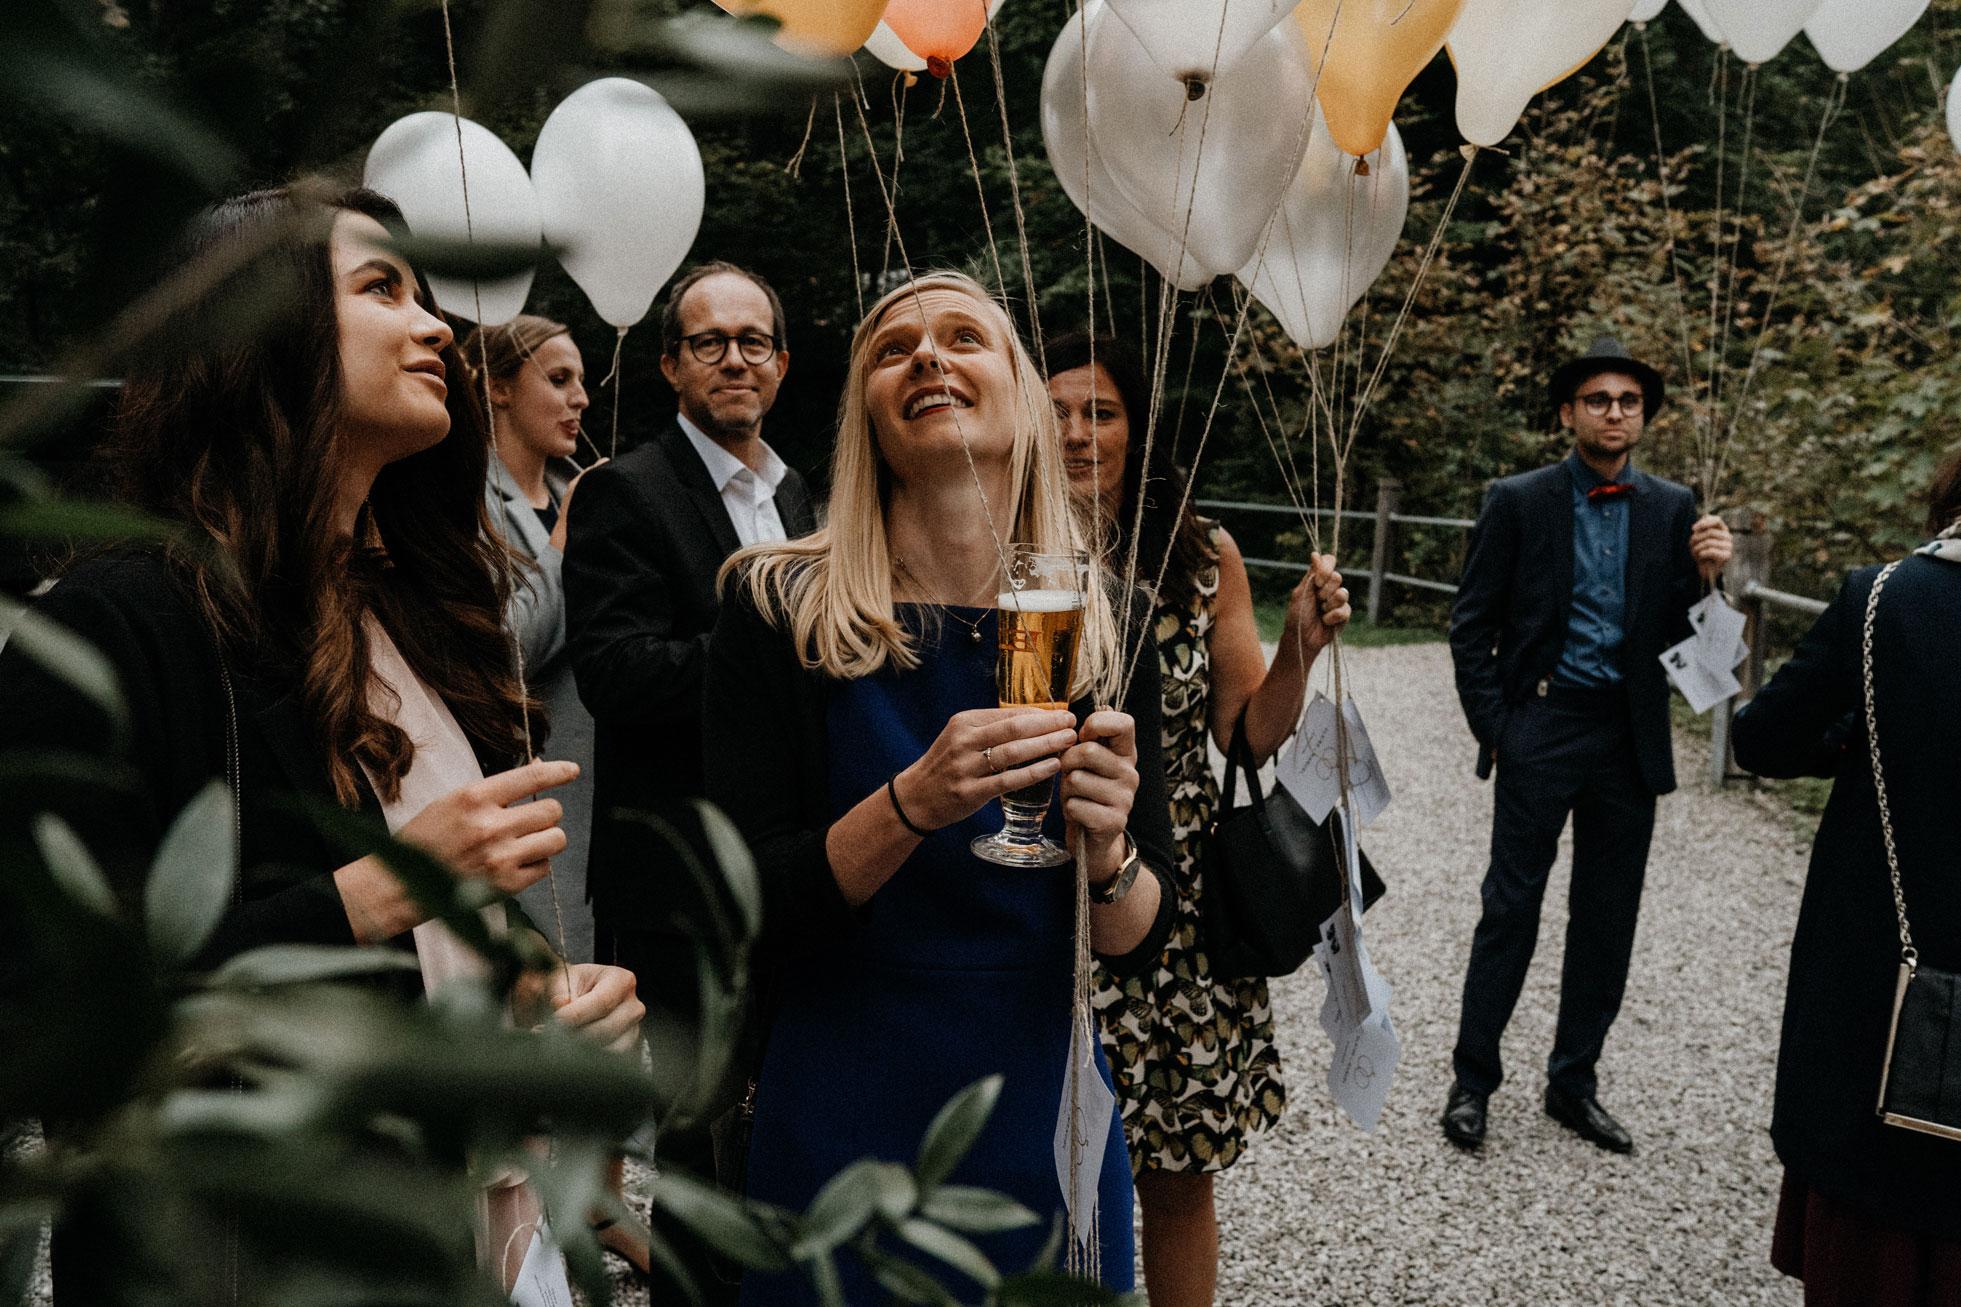 Hochzeit_Claire_Manuel_Villa_Maund_Daniel_Jenny-424.jpg